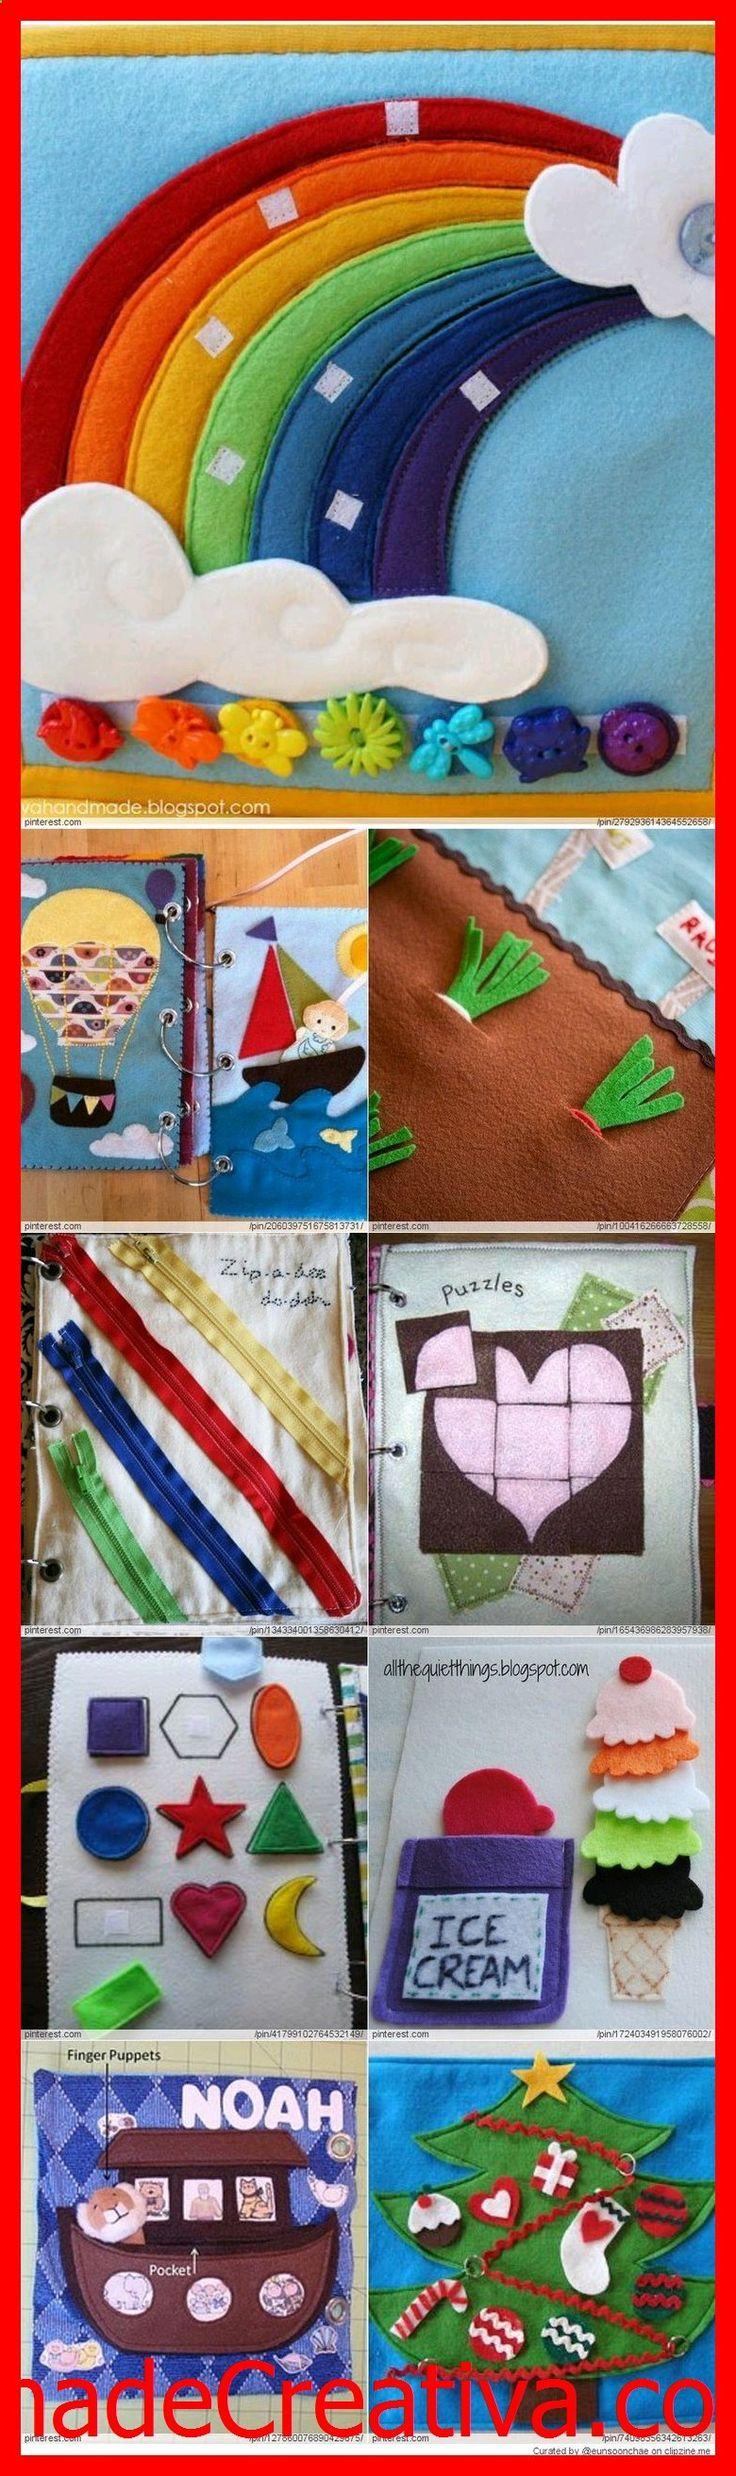 KhadeCreativa.com Quiet Book Patterns Ideas source by :http://pinterest.com/pin/451978512581511284/